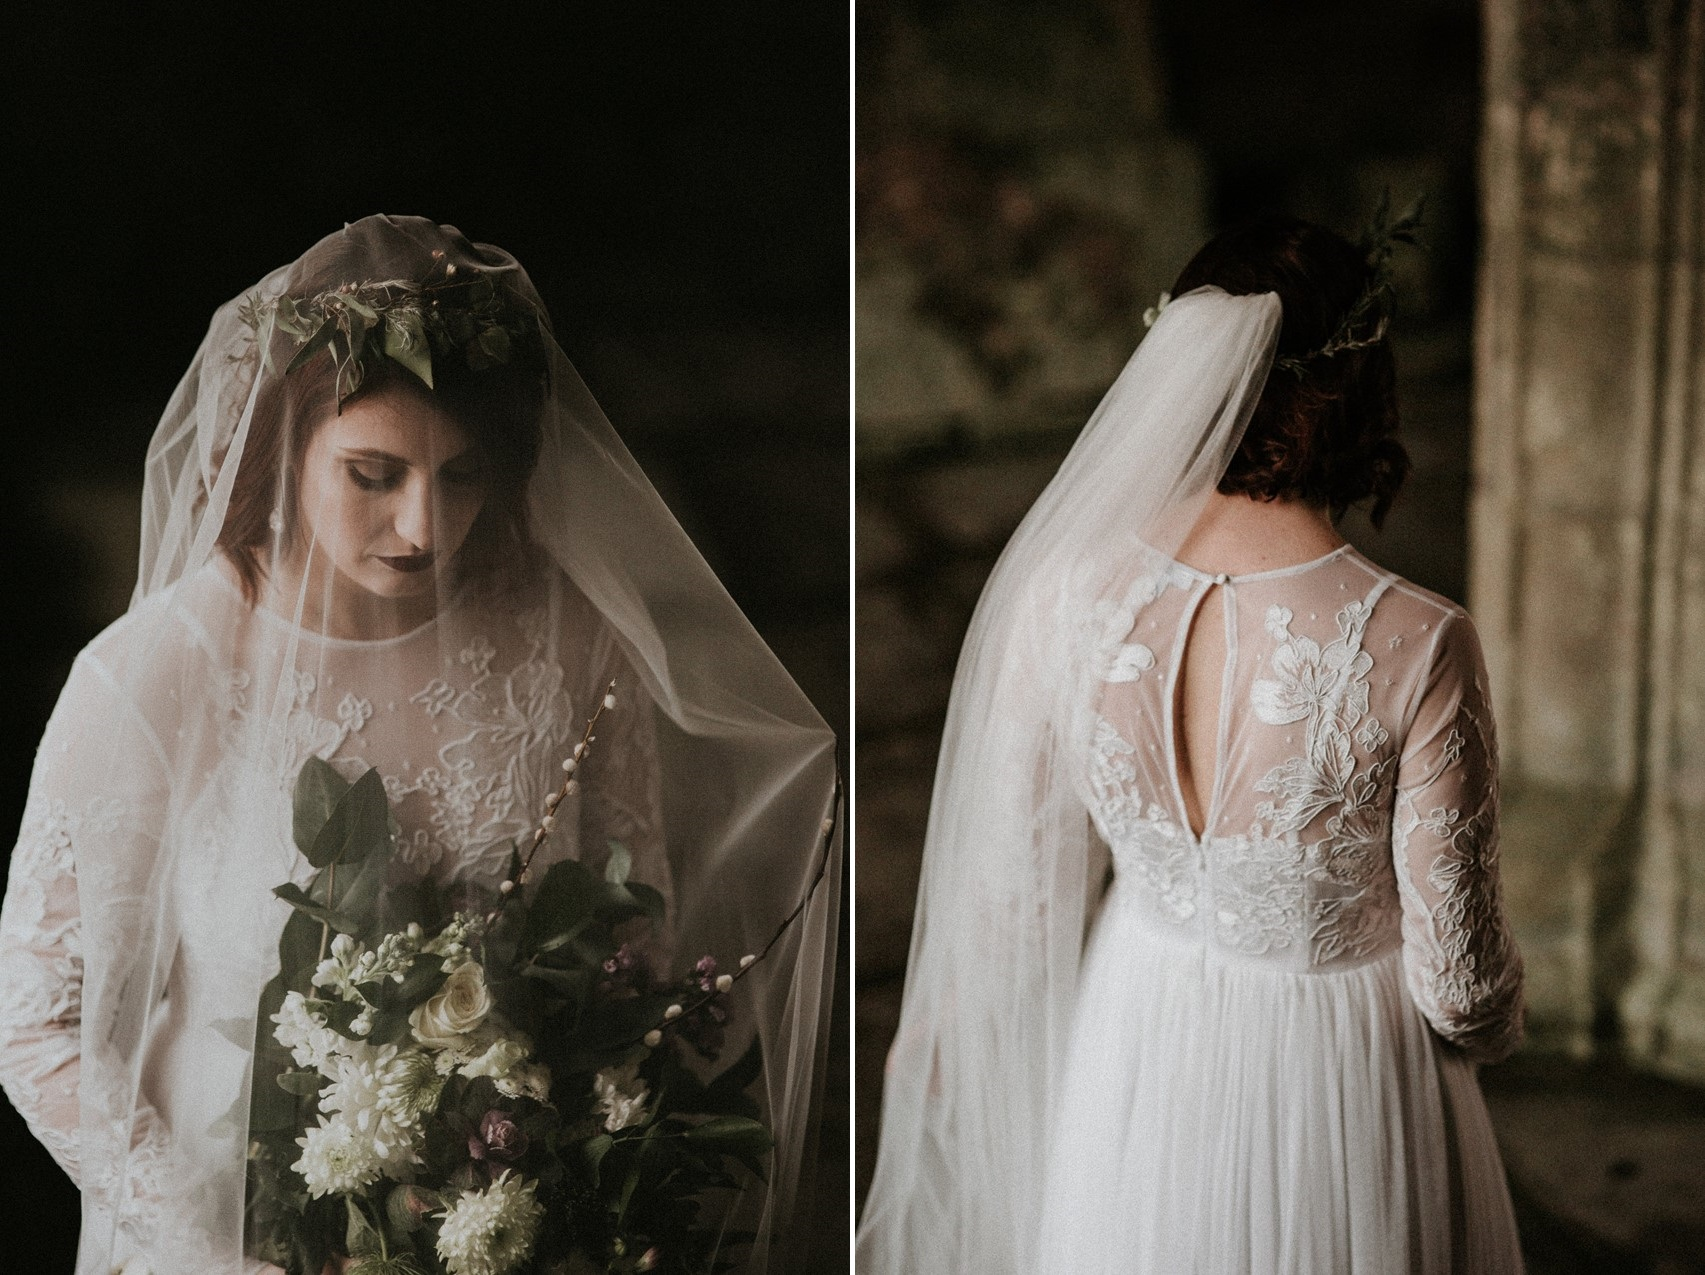 Gothic Bridal Shoot at an English Abbey